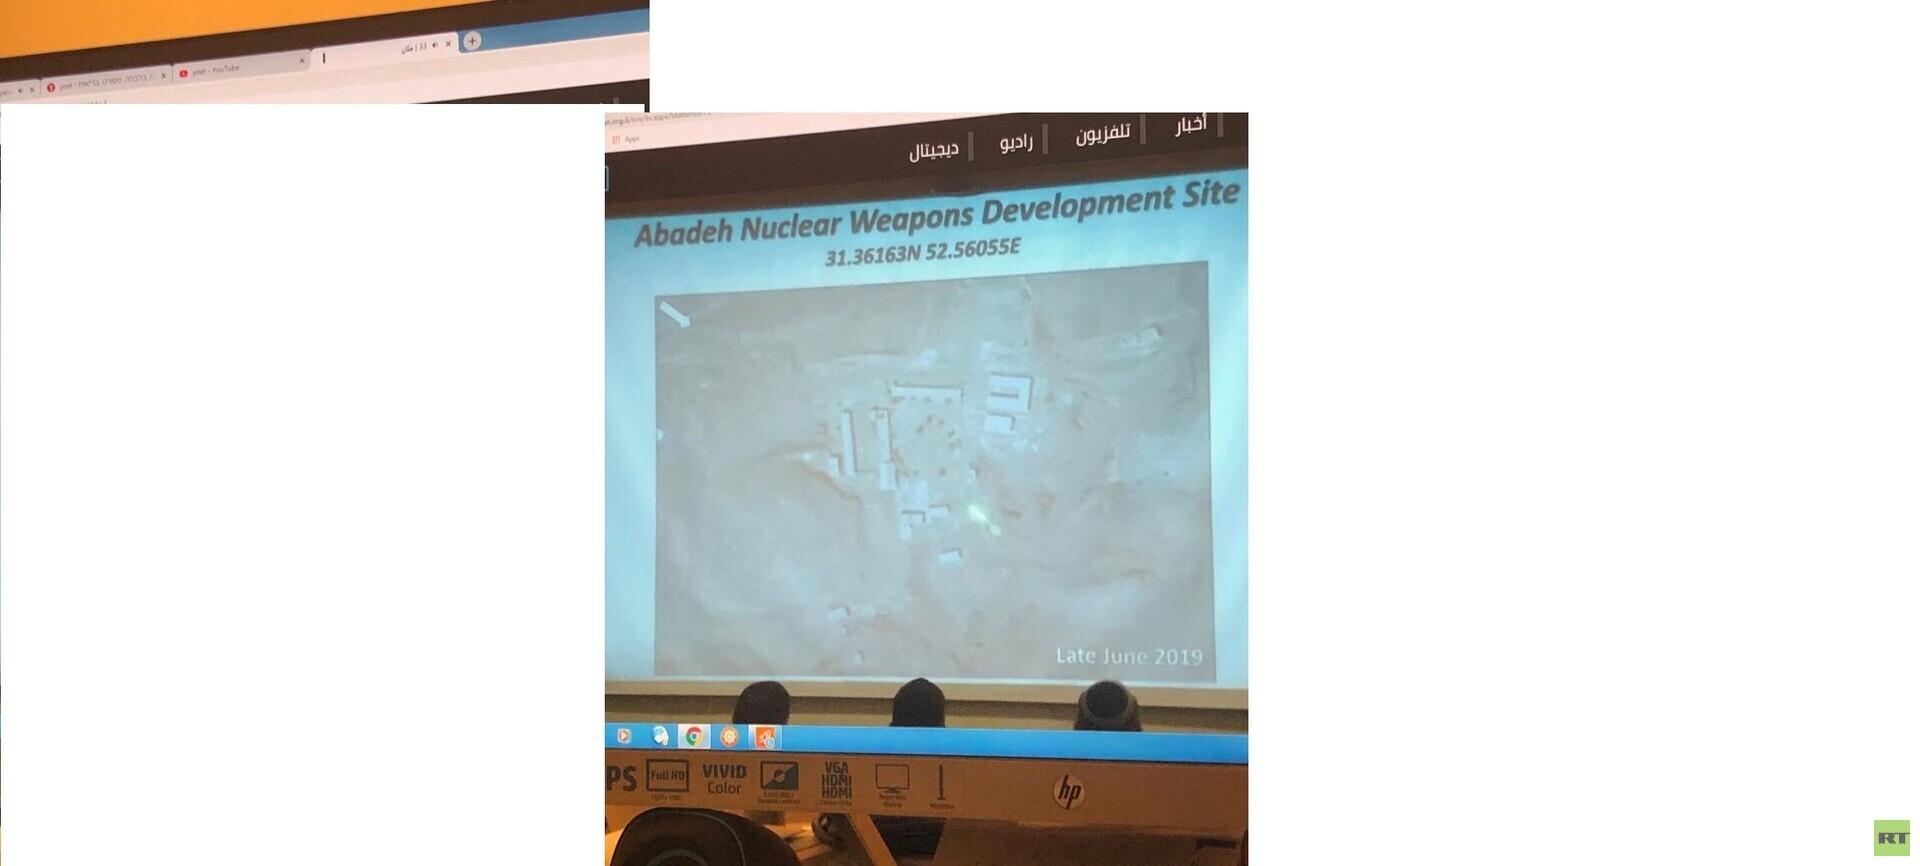 نتنياهو يعلن أن إسرائيل اكتشفت مواقع نووية إيرانية سرية جديدة واحد منها قرب أصفهان